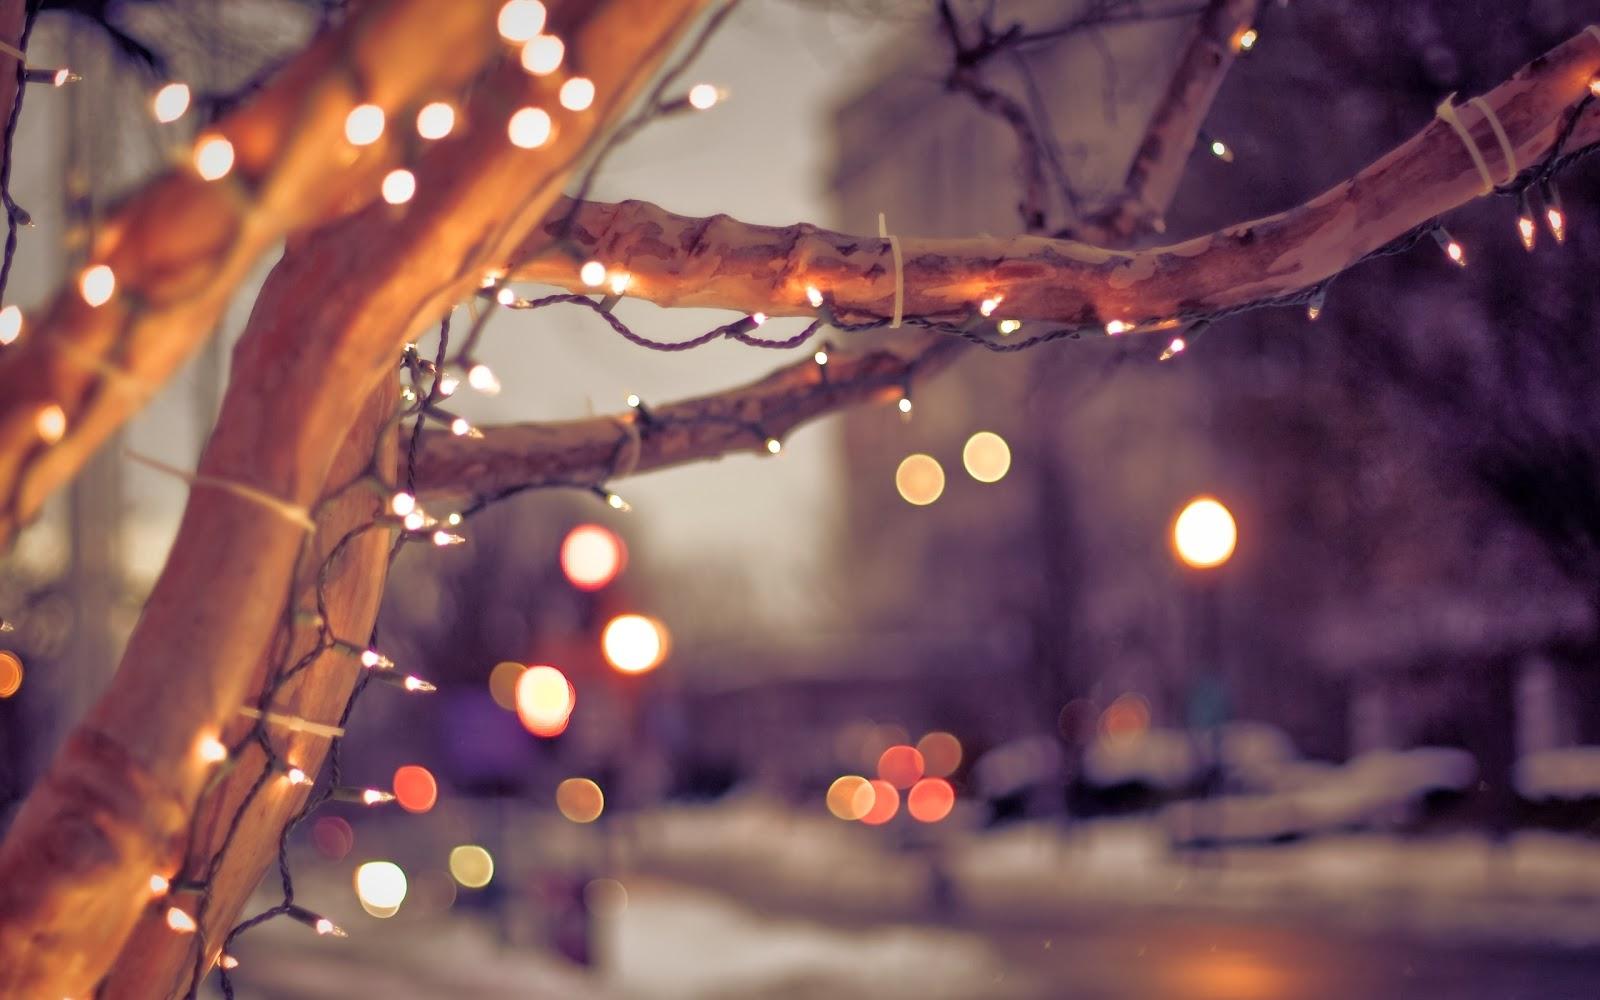 christmas lights wallpaper,branch,tree,light,lighting,night